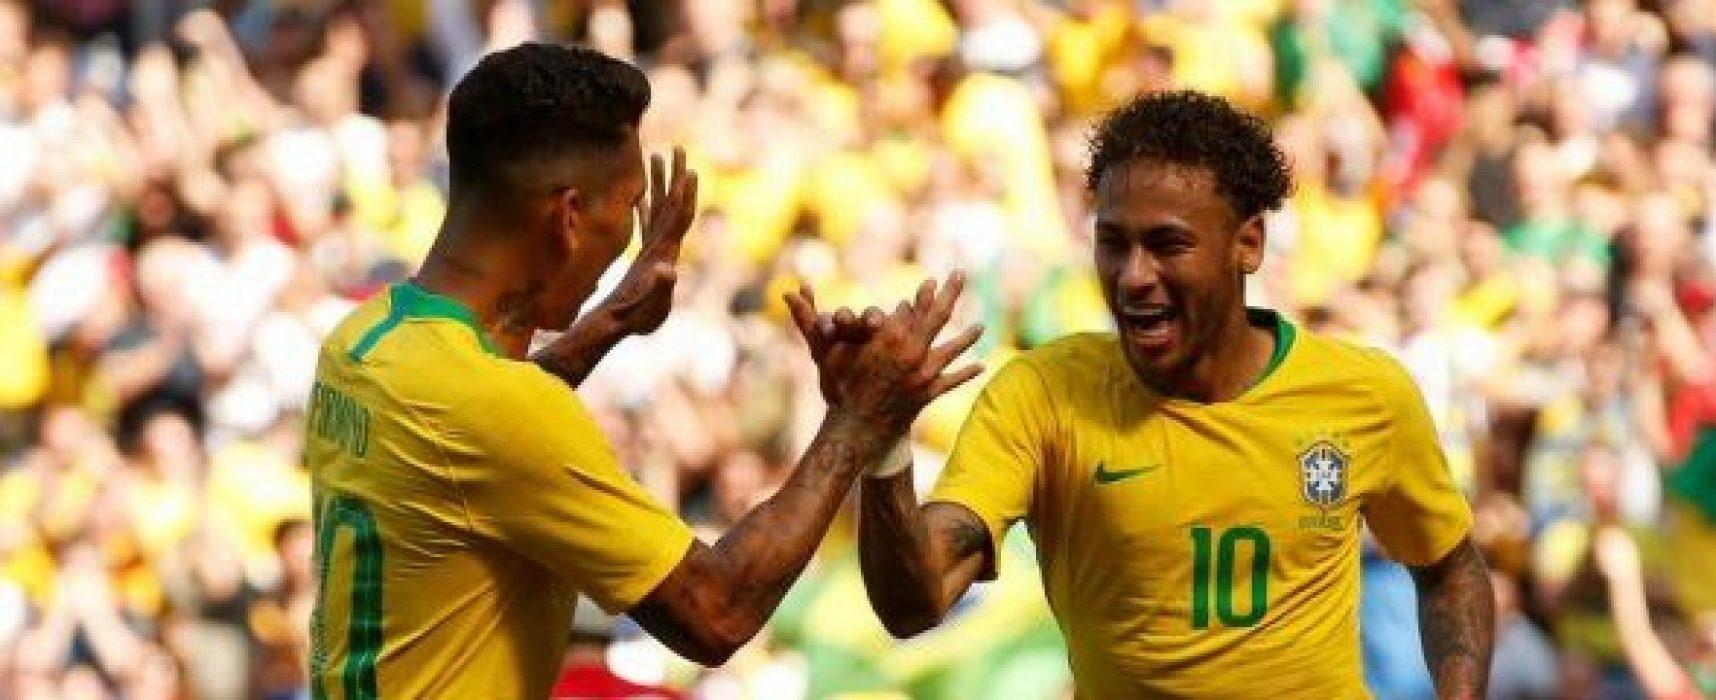 Com incertezas sobre pandemia, seleção brasileira não será mais convocada nesta sexta